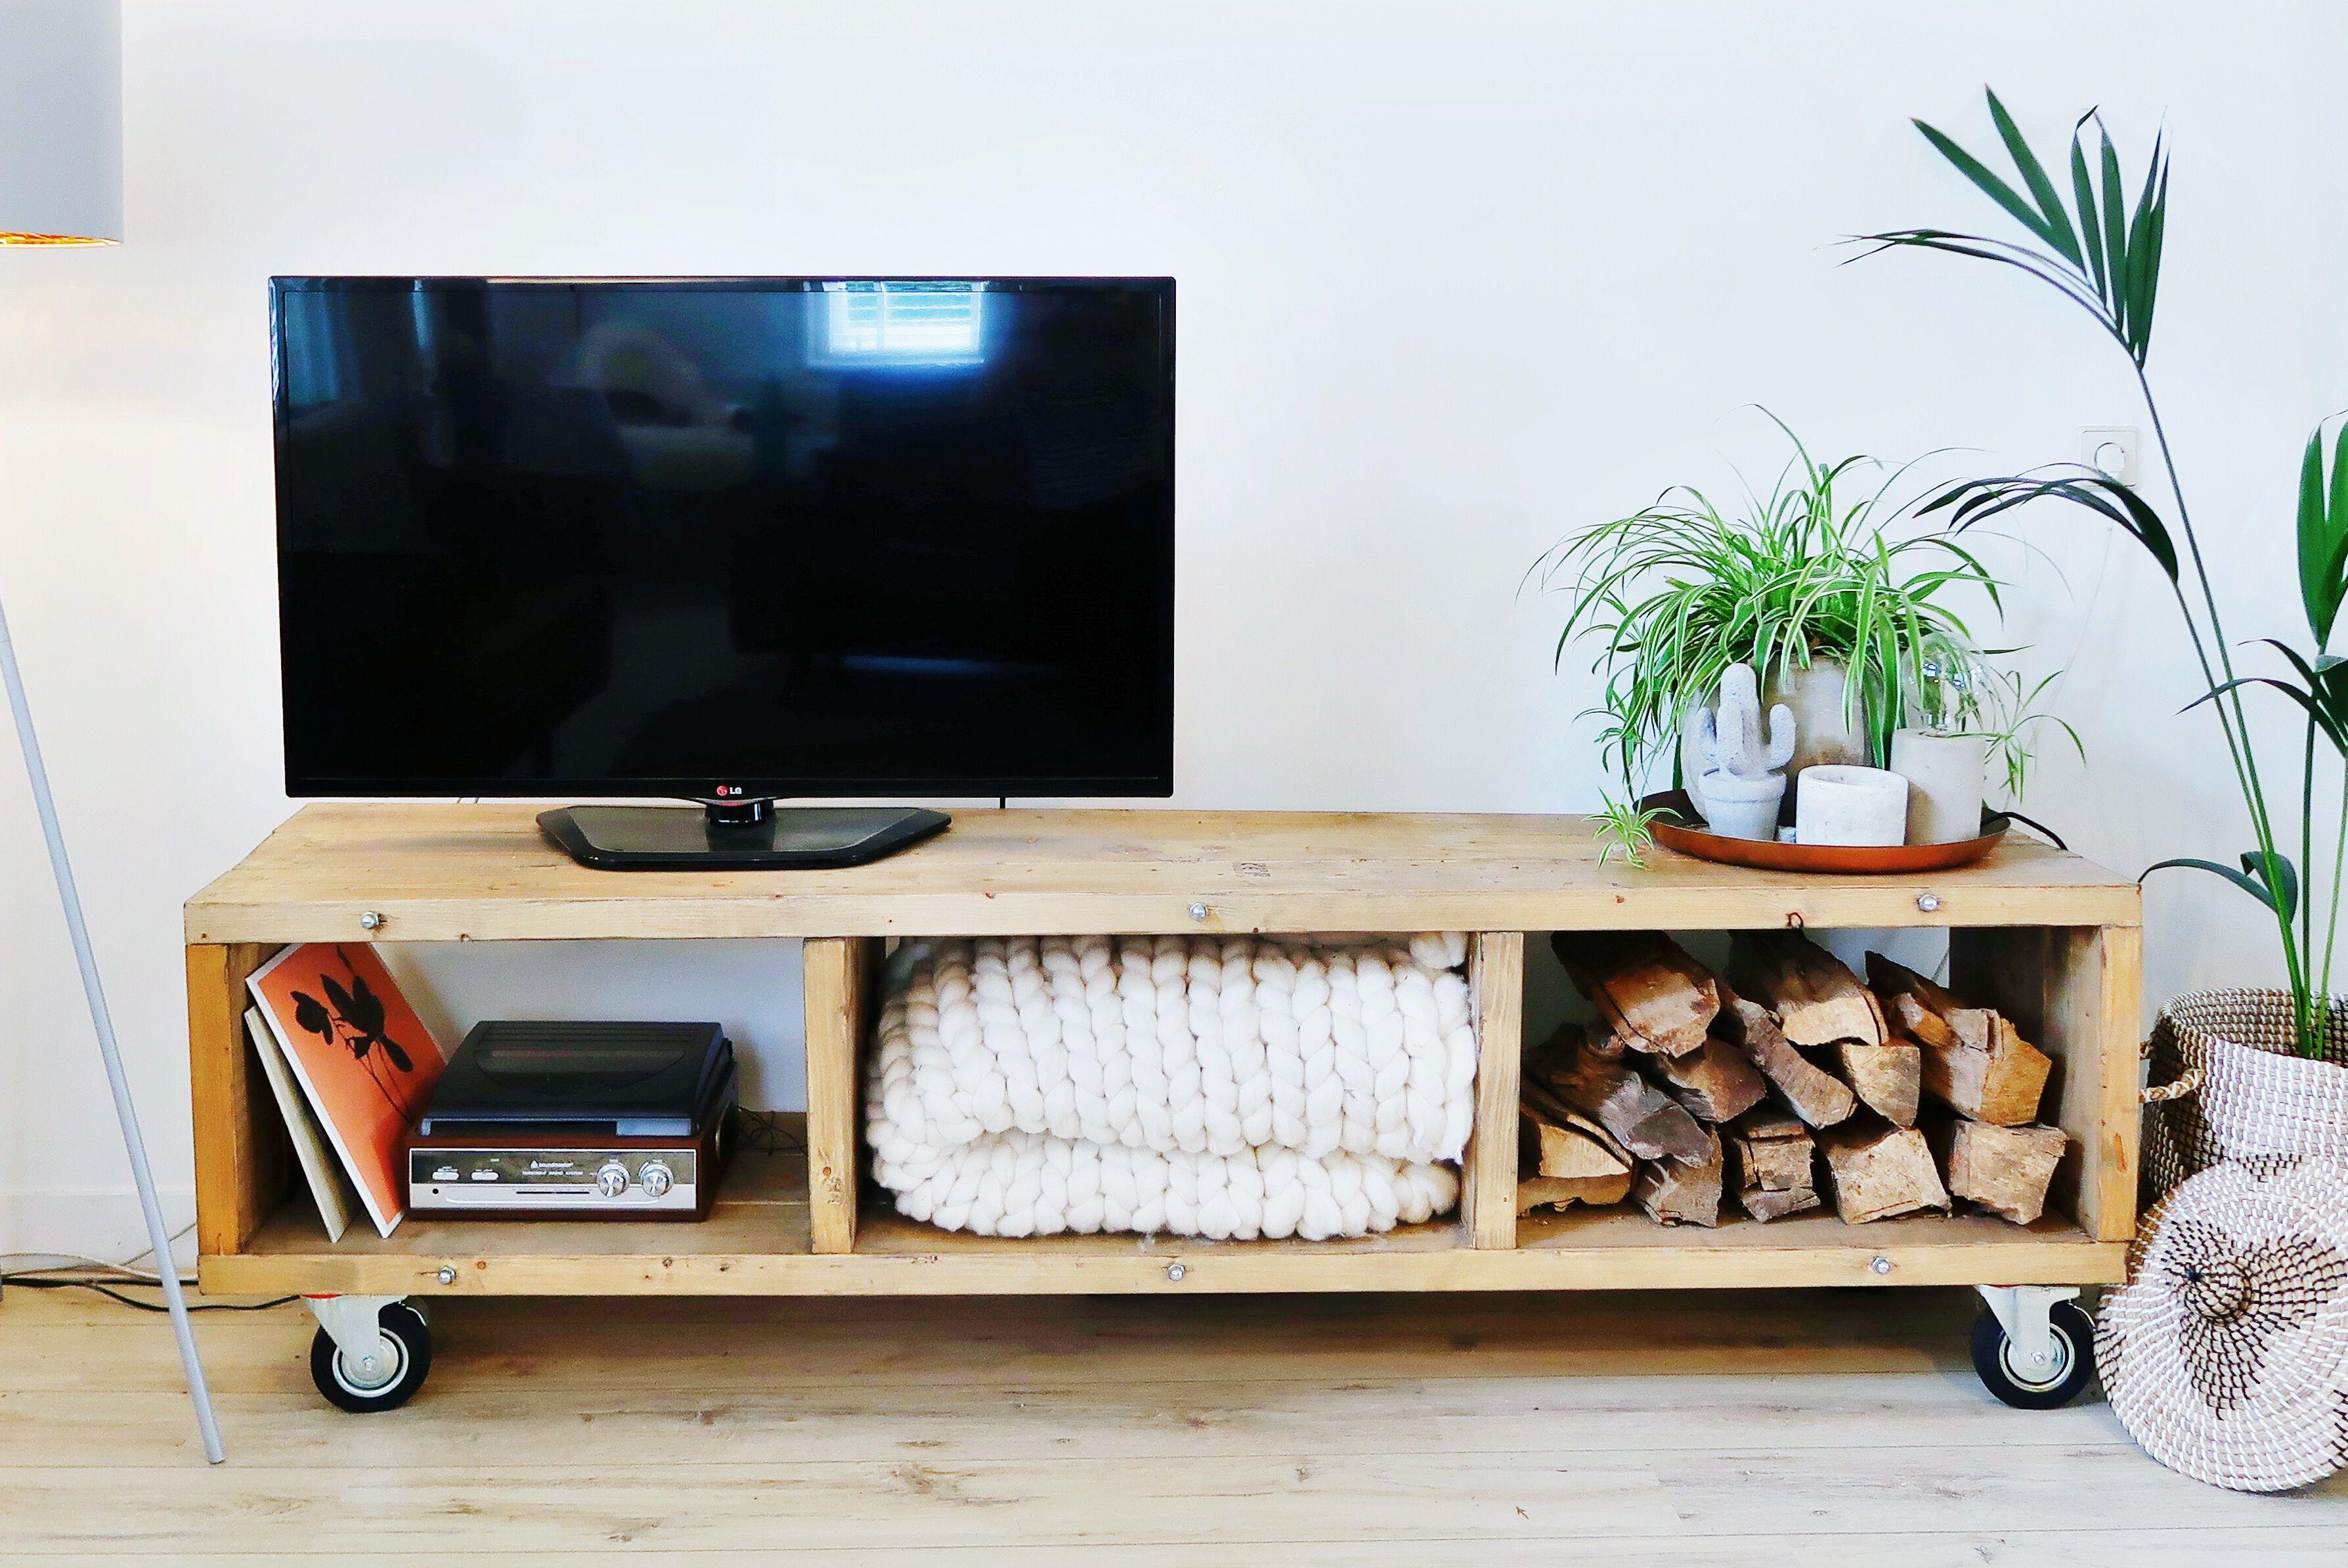 Vinyl Steigerhout Look : Tv meubel van steigerhout tv stand idea tvstandideas tvmeubel